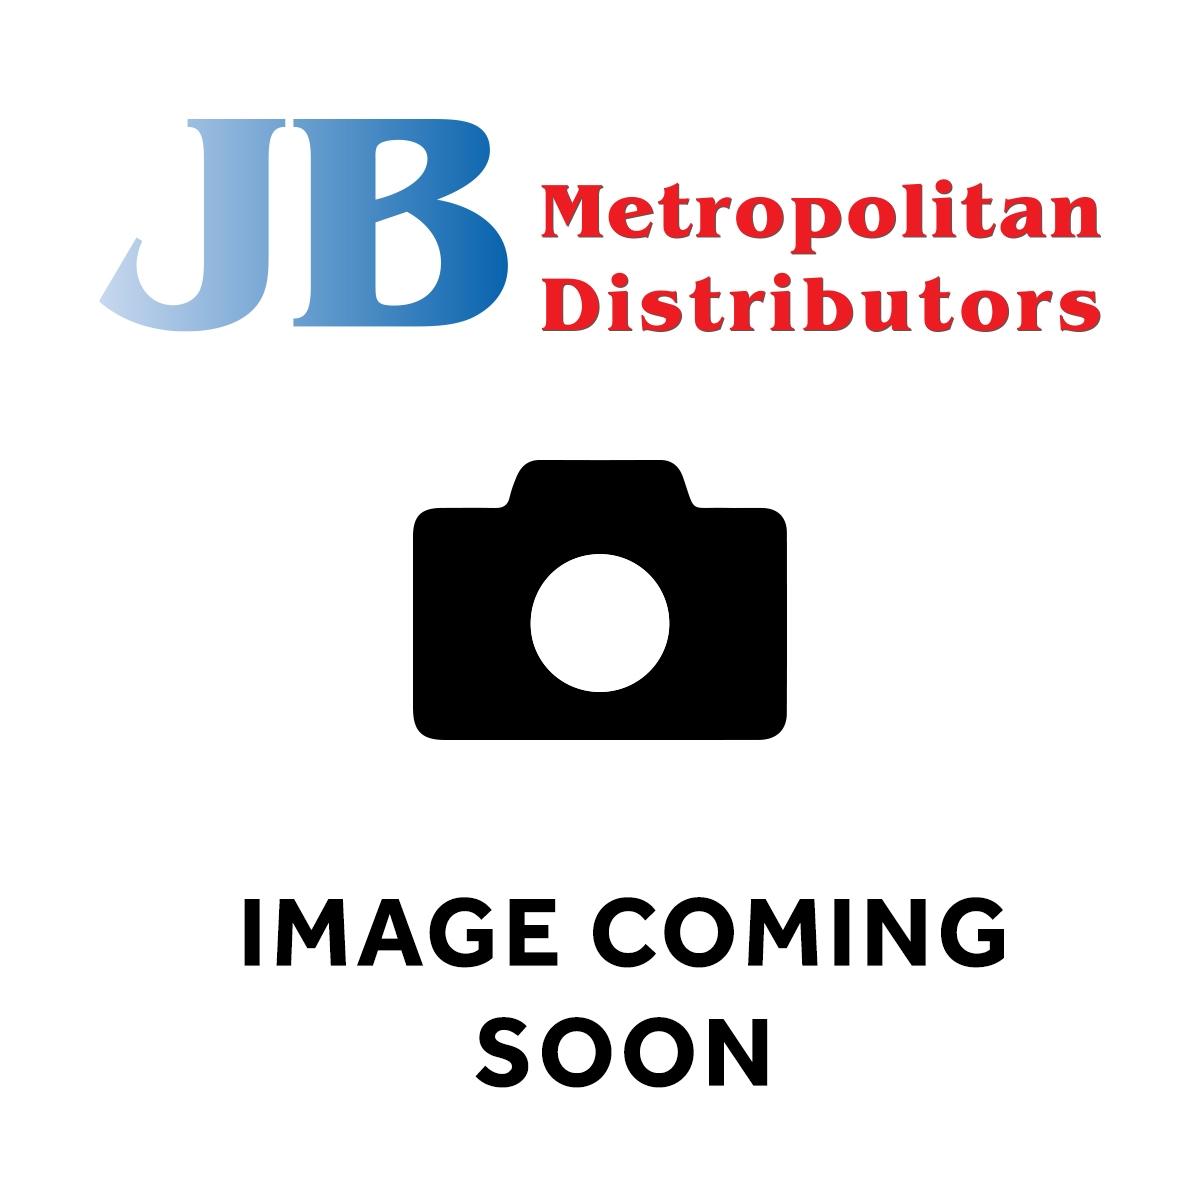 300G CADBURY BIG TASTE CHOC BISCUIT